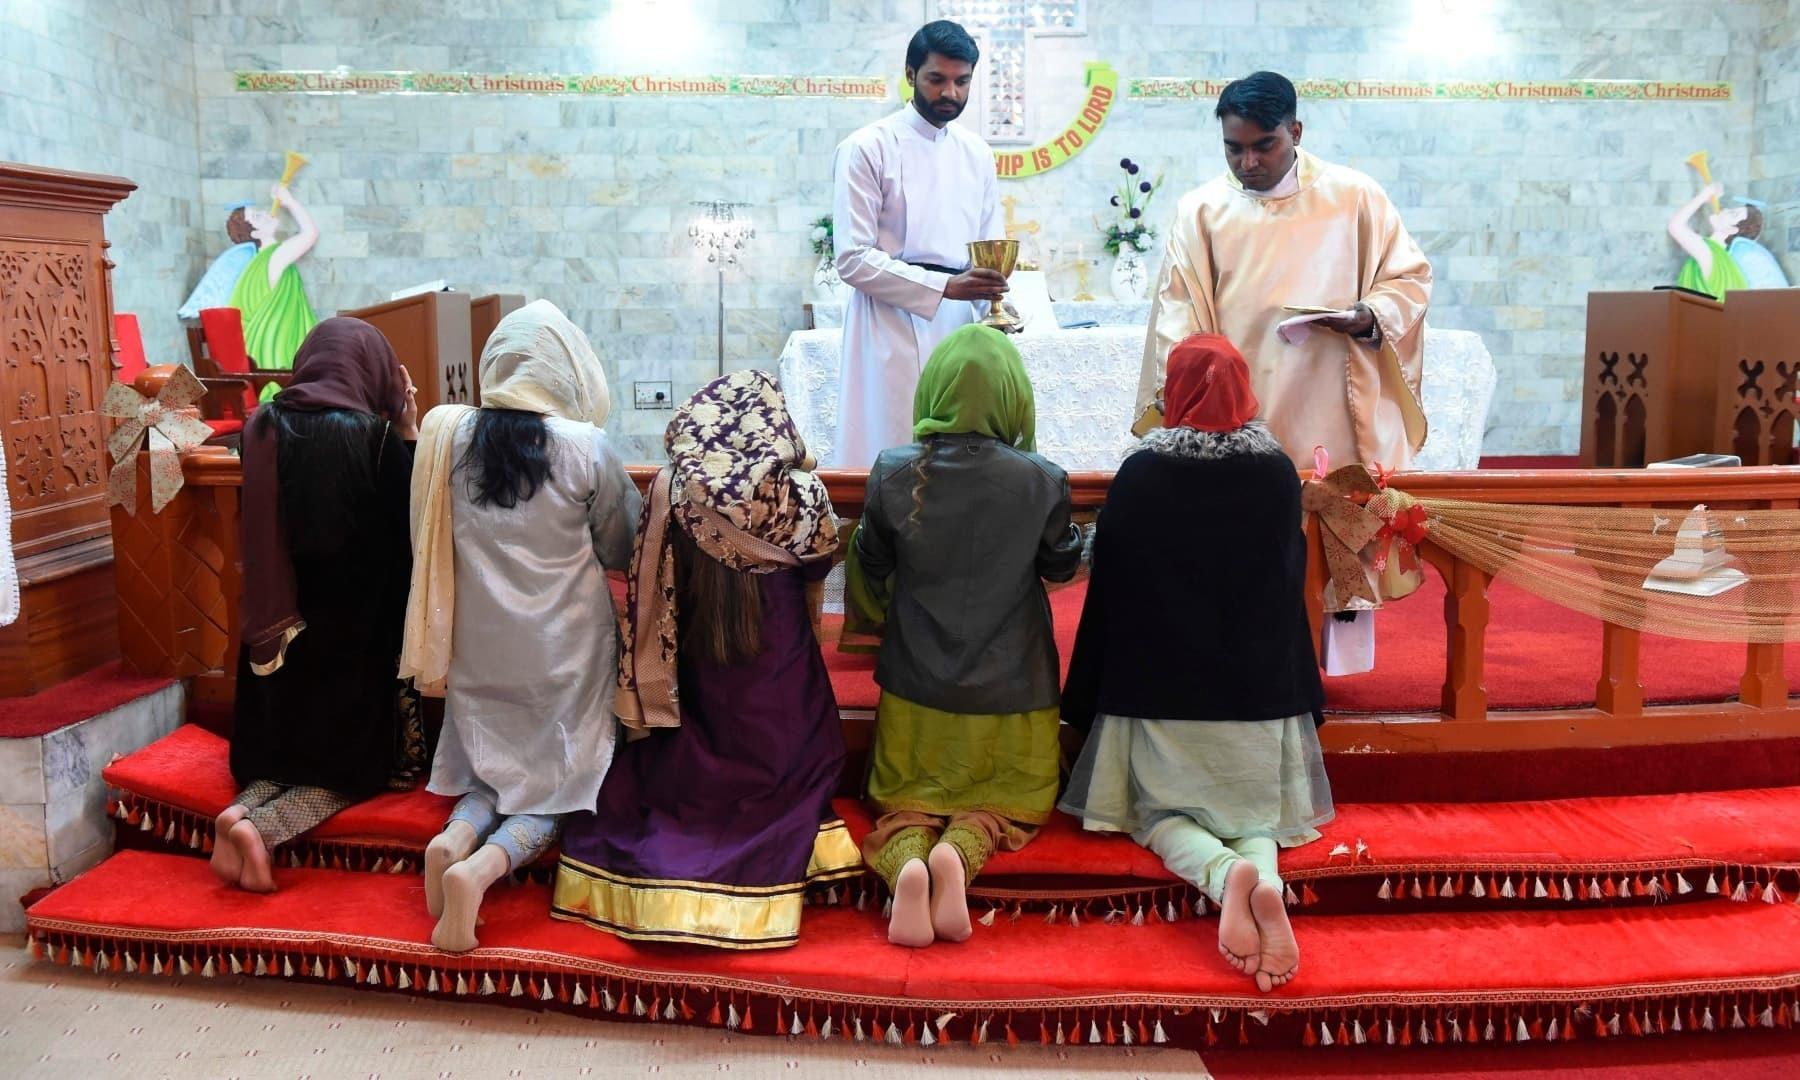 کوئٹہ میں بھی مسیحی برادری نے کرسمس مکمل مذہبی عقیدت کے ساتھ منائی —فوٹو: اے ایف پی